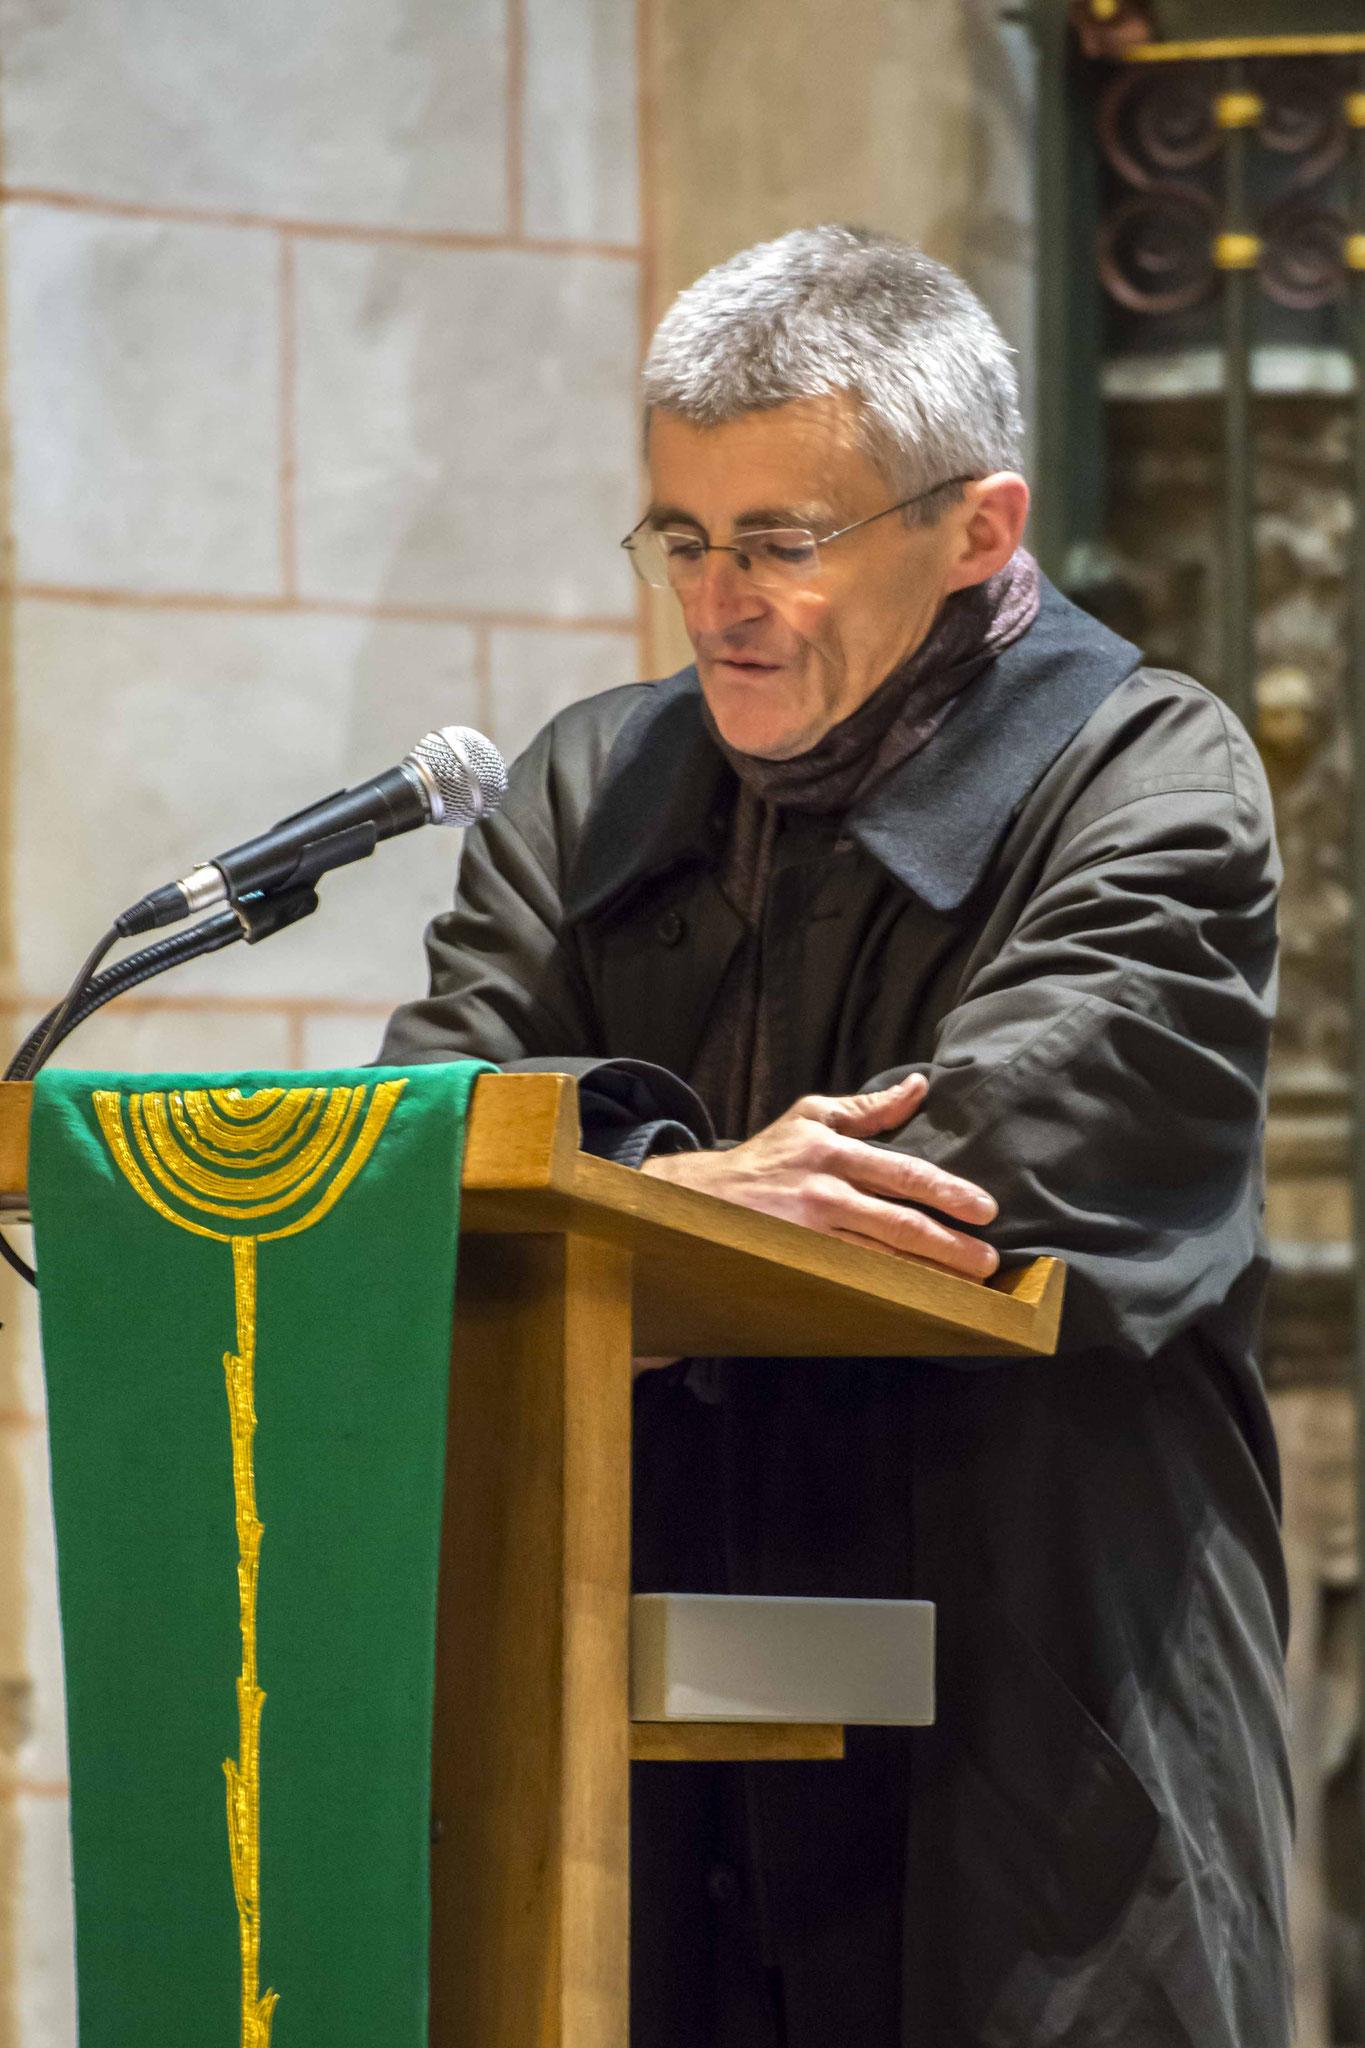 Pfarrer Uli Biskamp während der Andacht in der Lutherischen Pfarrkirche St. Marien